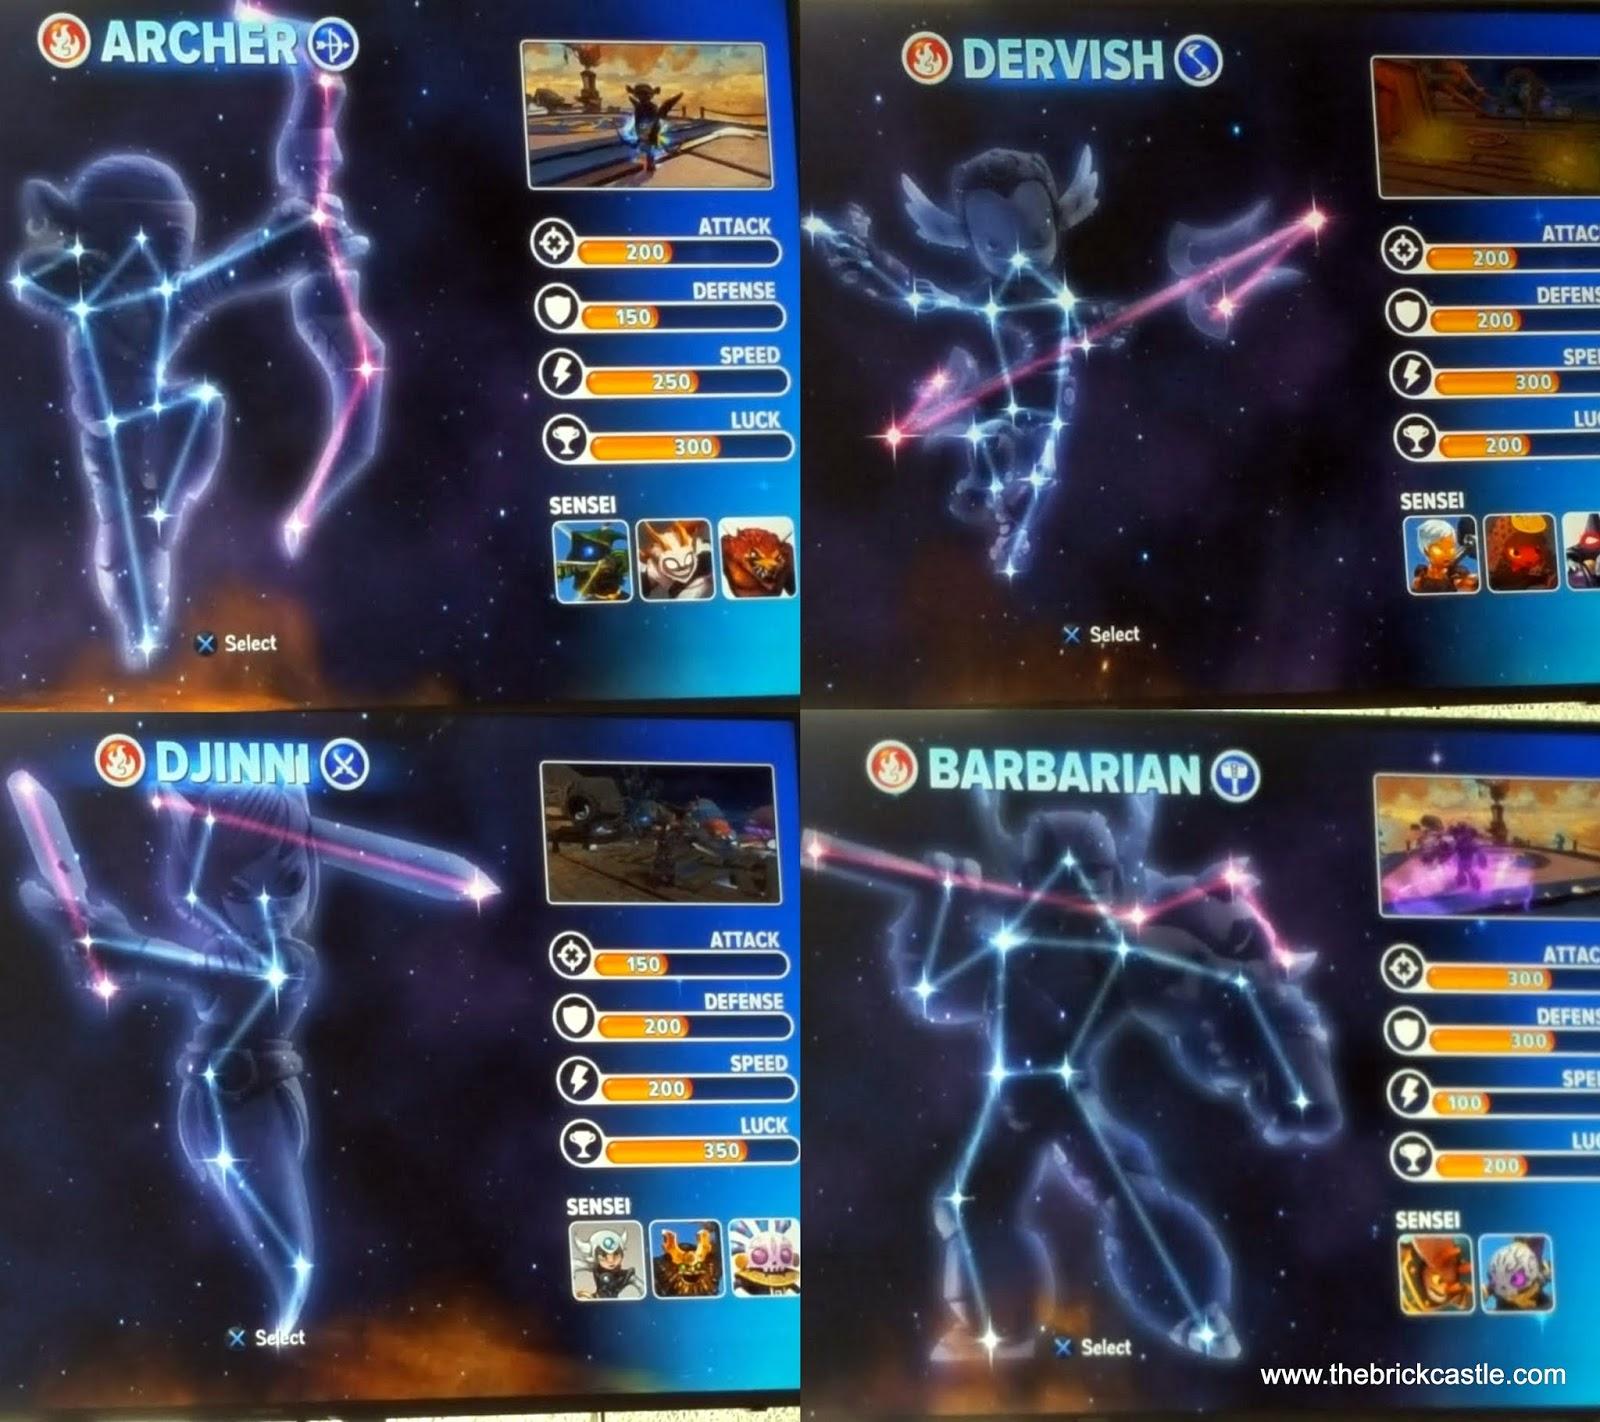 More Senseis revealed in prototype images : skylanders